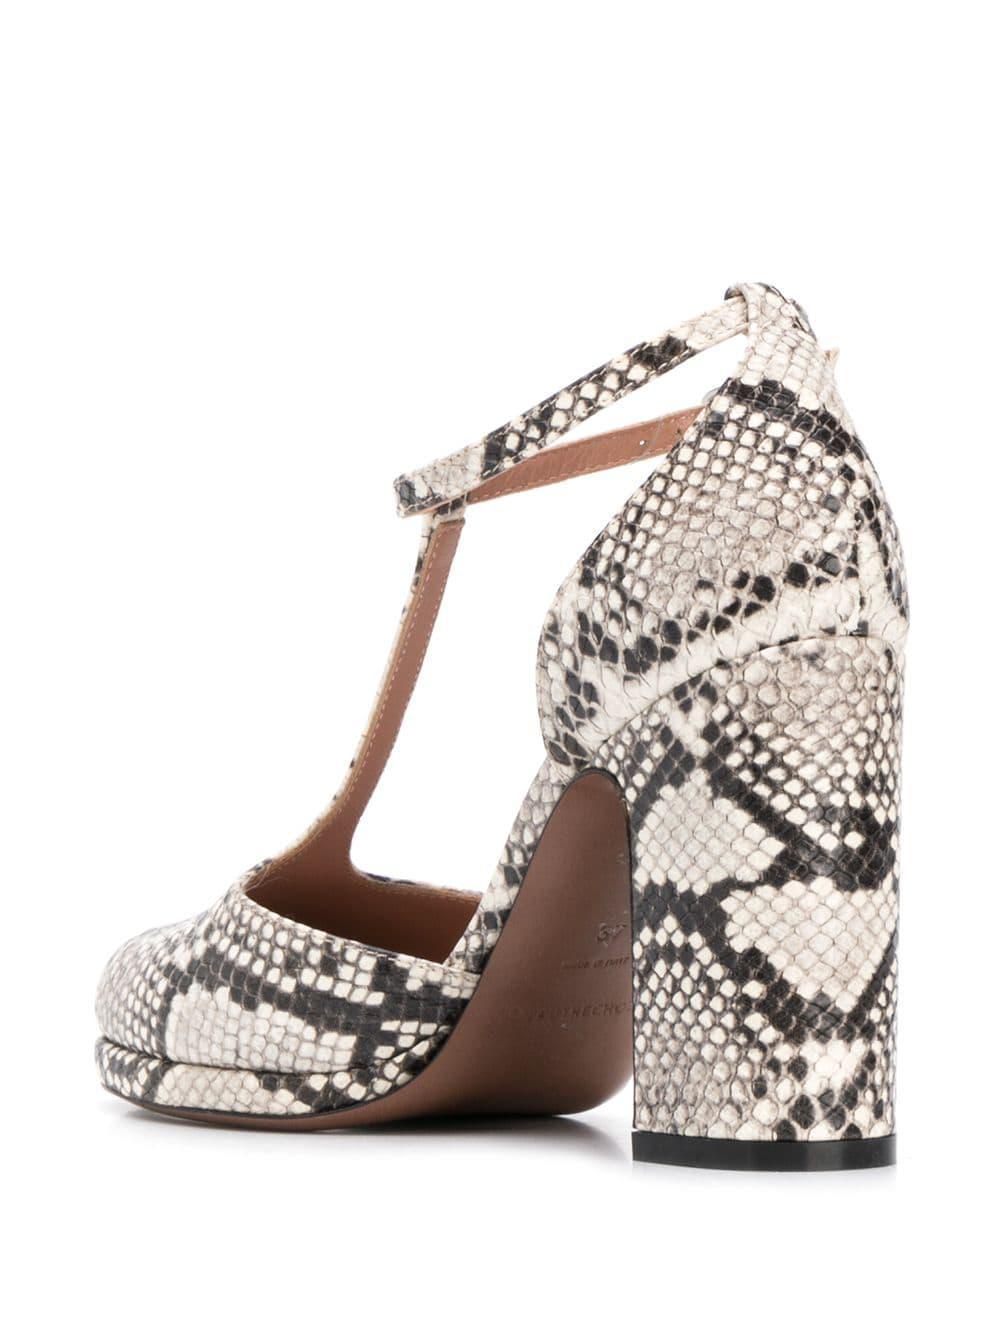 6e5162be584 Women's White Snakeskin Print Sandals